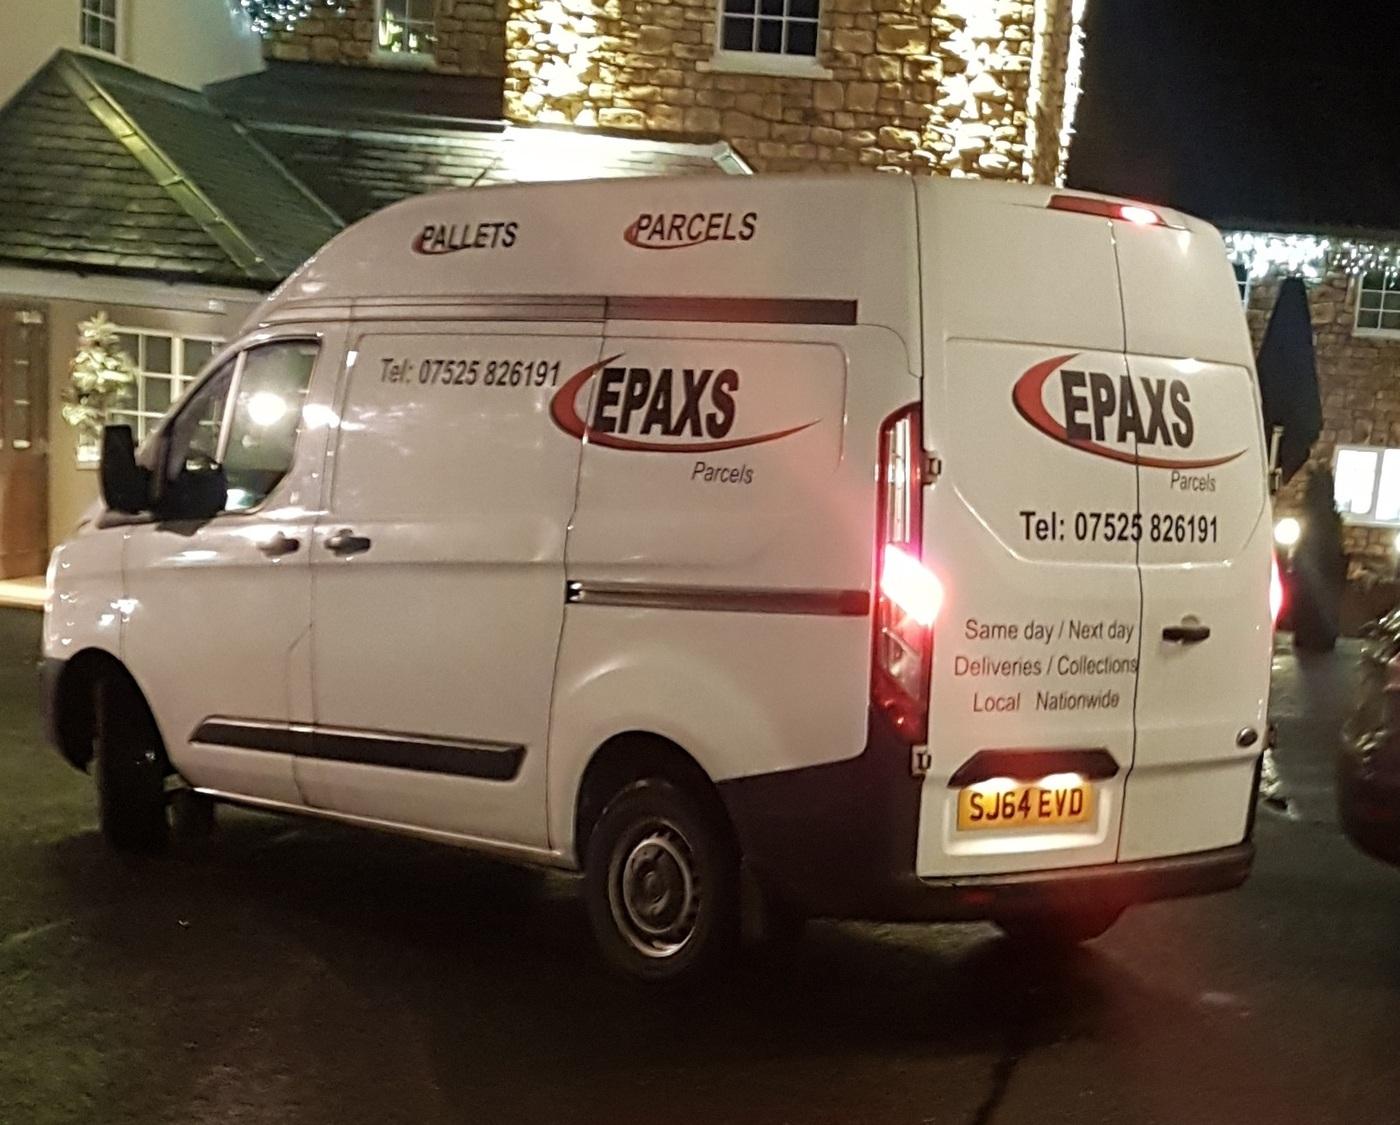 EPAXS Courier - Glasgow, UK